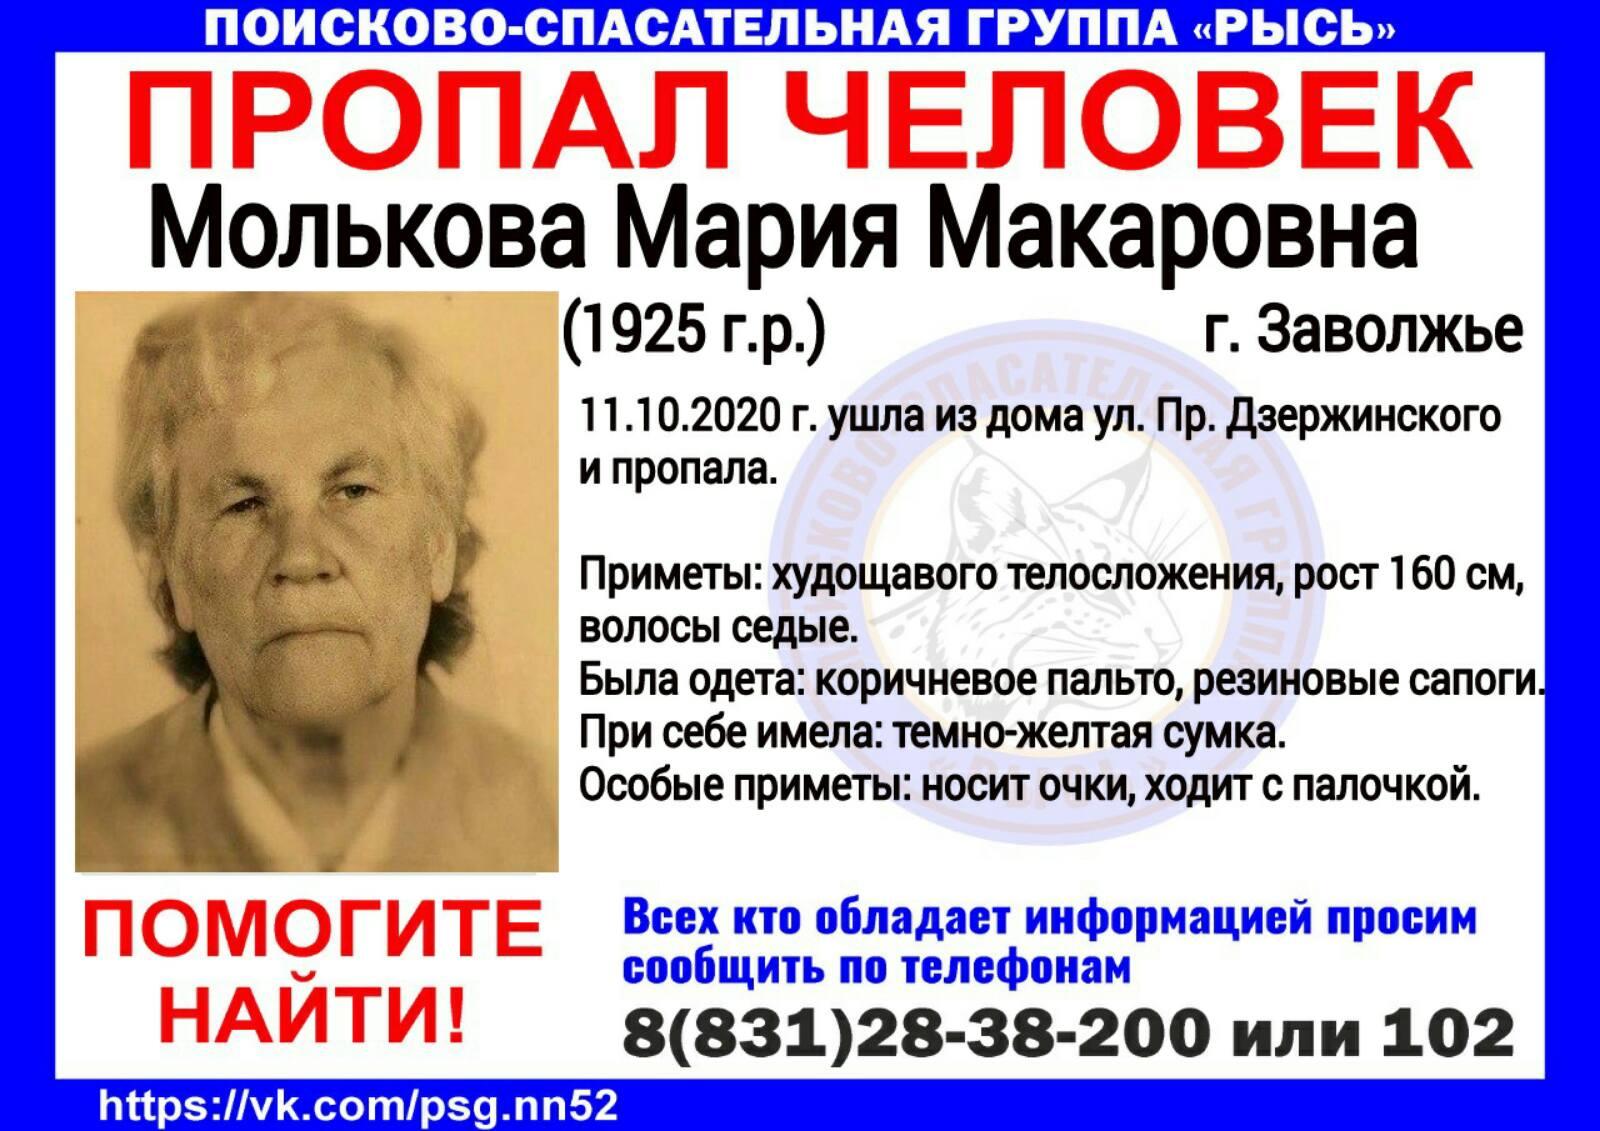 Молькова Мария Макаровна, 1925 г.р., г. Заволжье